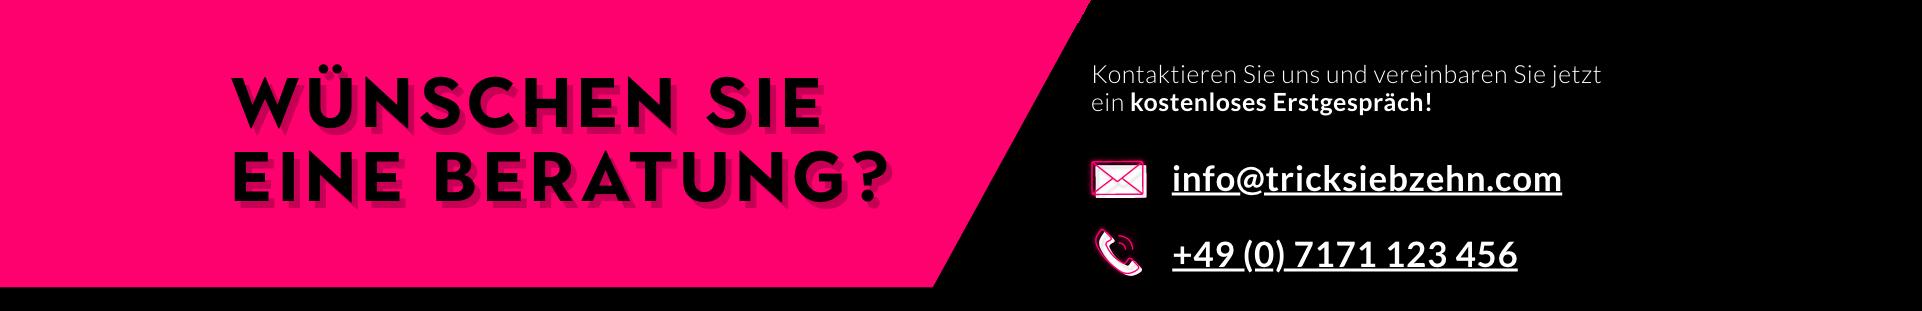 Wünschen Sie eine Beratung? Schreiben Sie uns an info@tricksiebzehn.de